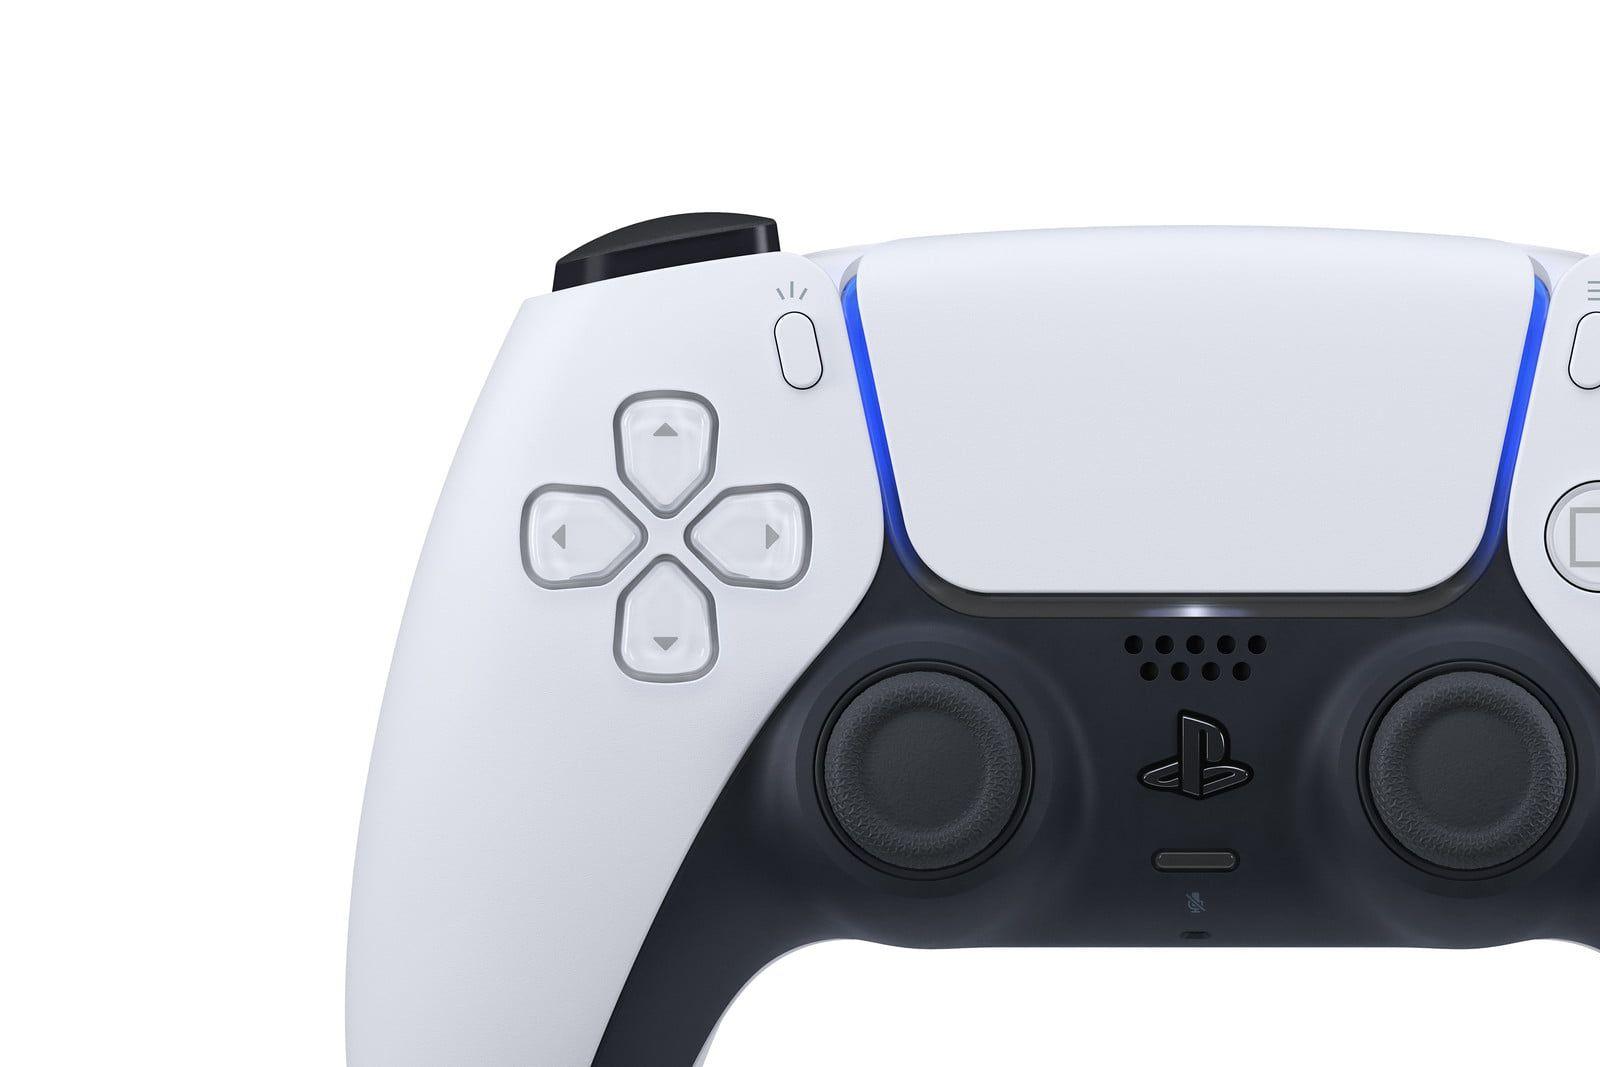 iOS 14.5 dodaje obsługę kontrolerów PS5 DualSense i Xbox Series X